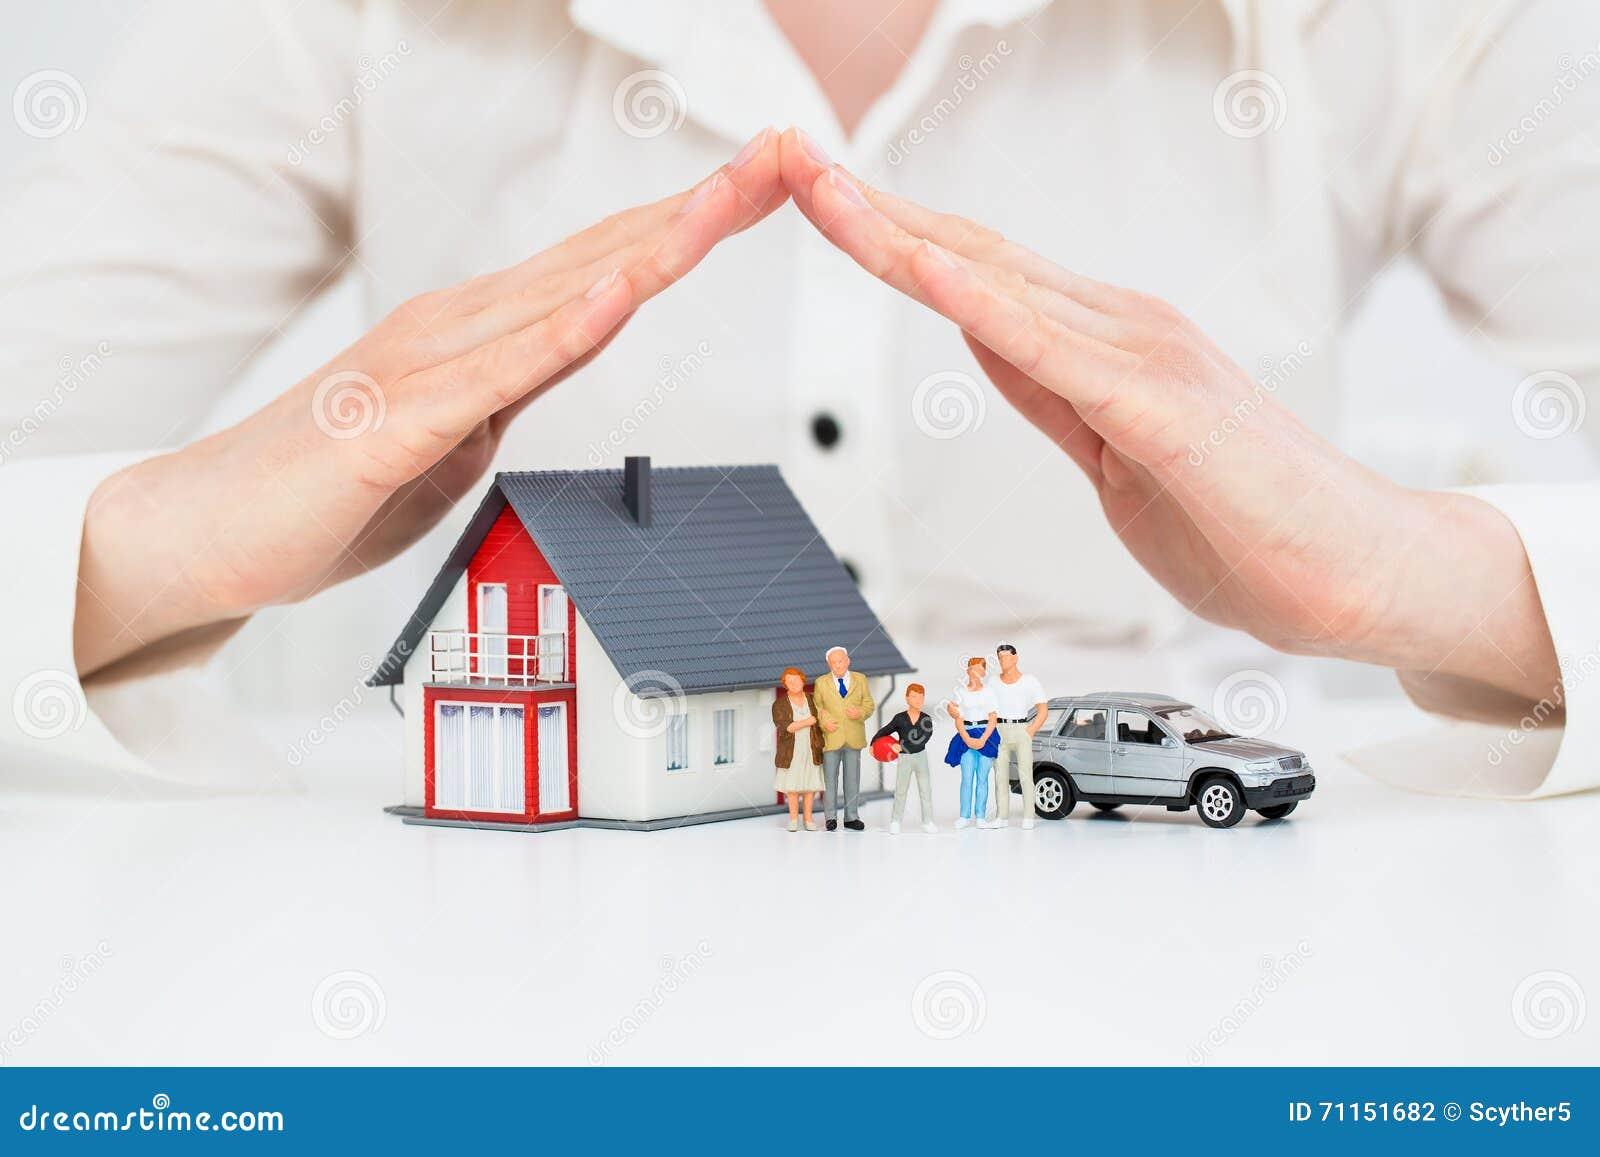 Protector Versicherung